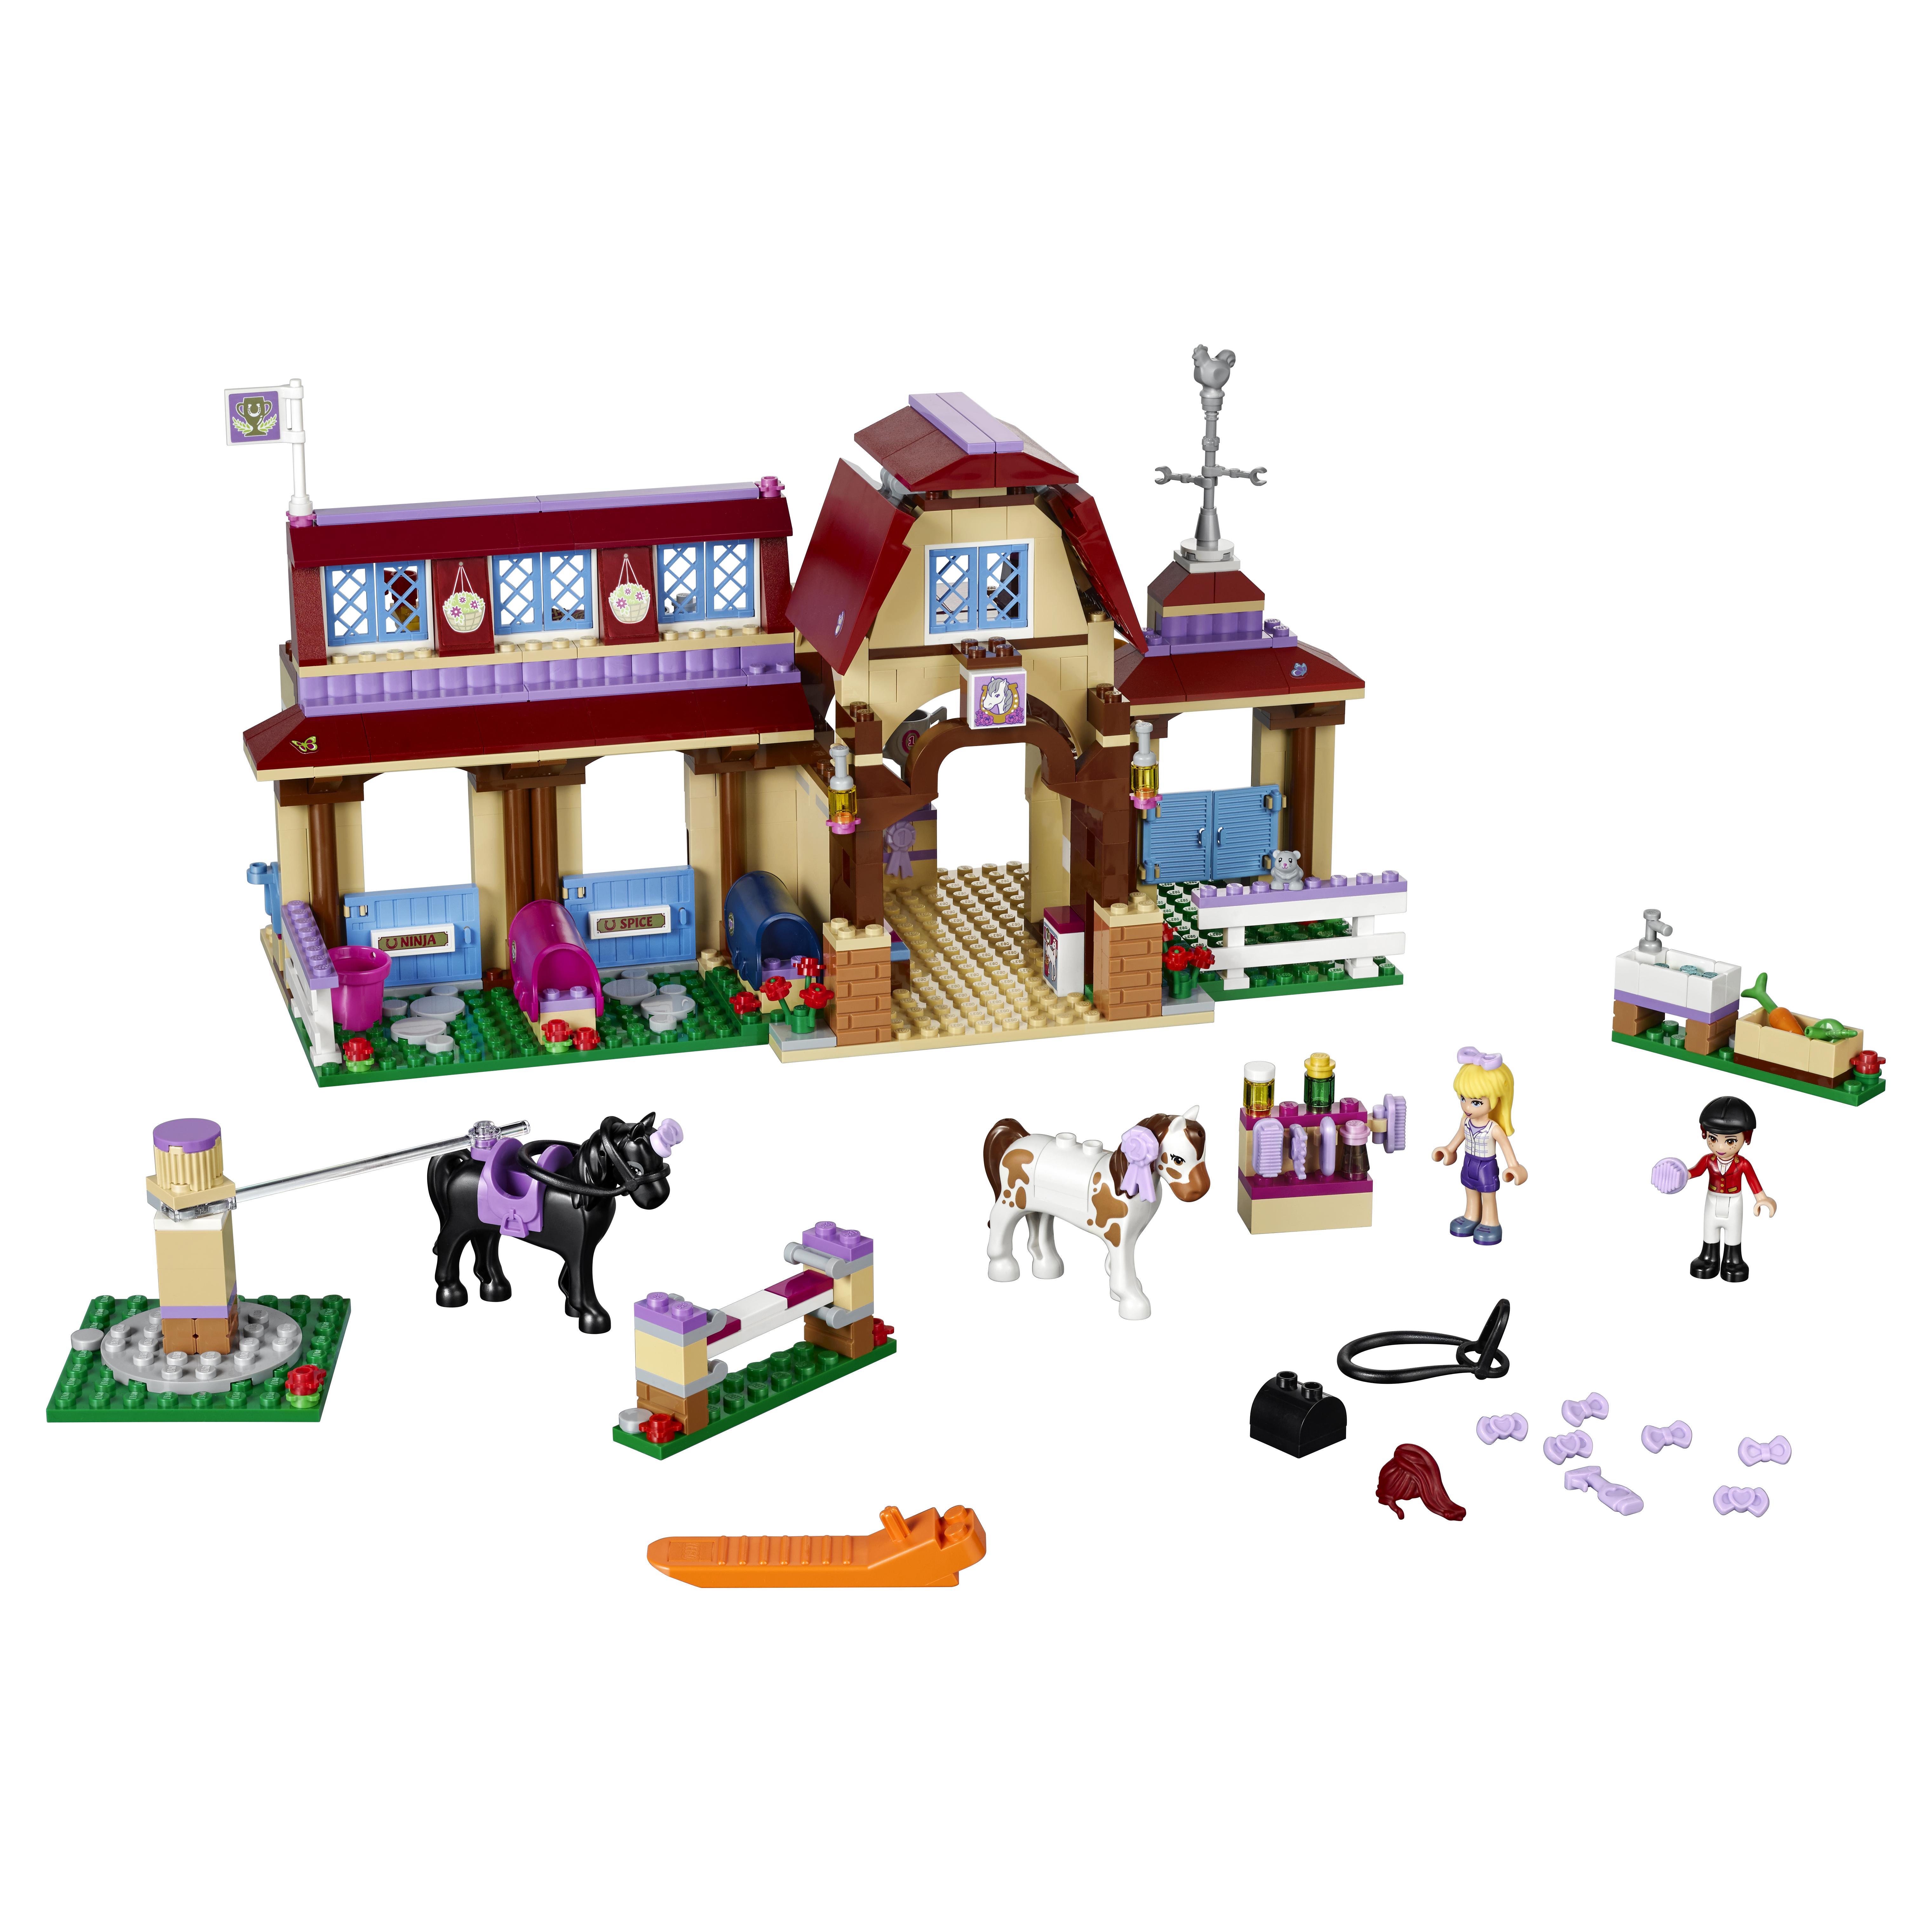 Купить Конструктор LEGO Friends Клуб верховой езды (41126)